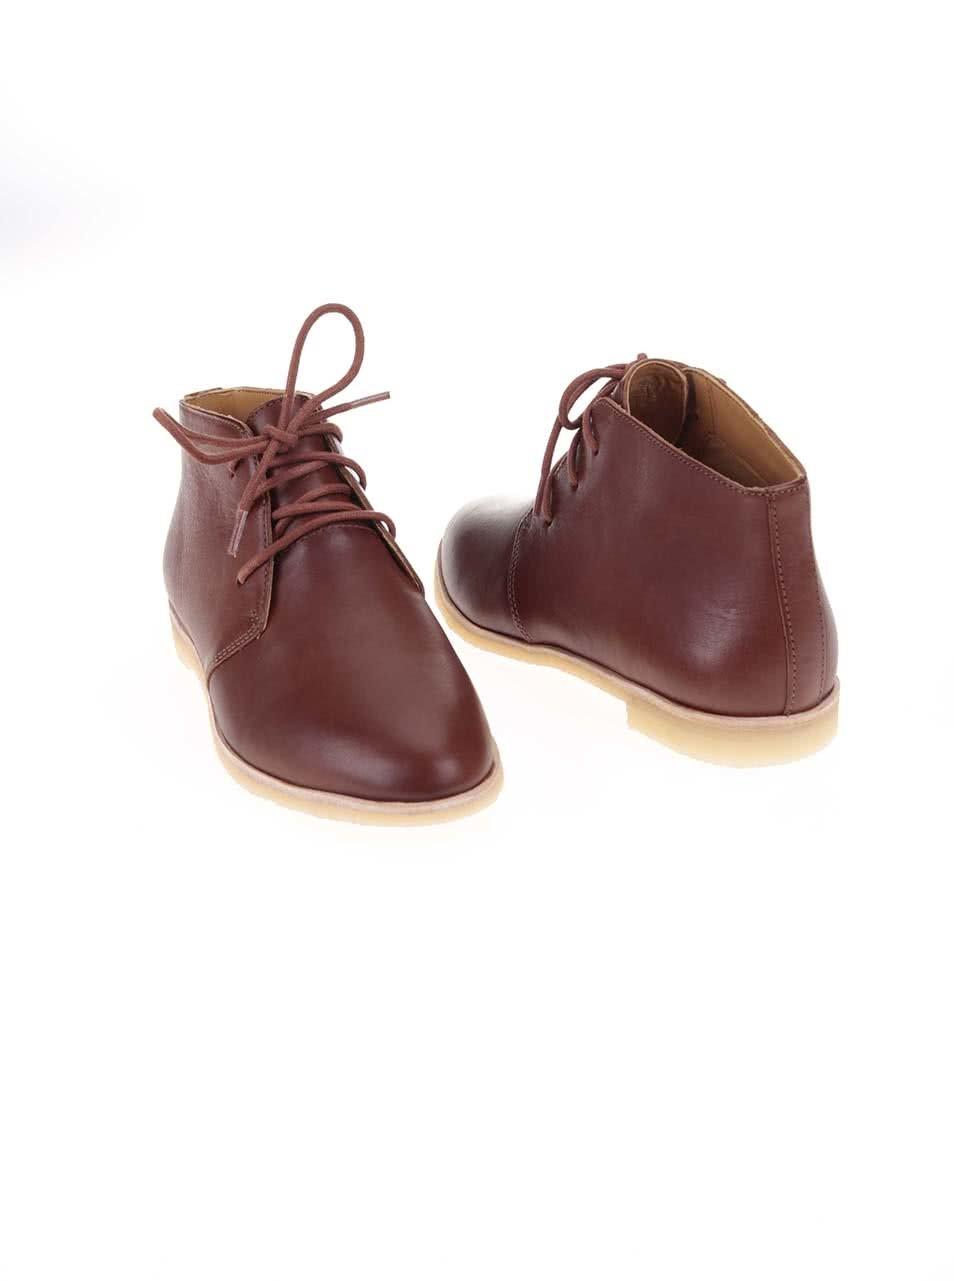 Hnedé dámske kožené členkové topánky Clarks Phenia Desert ... d677b78fba5